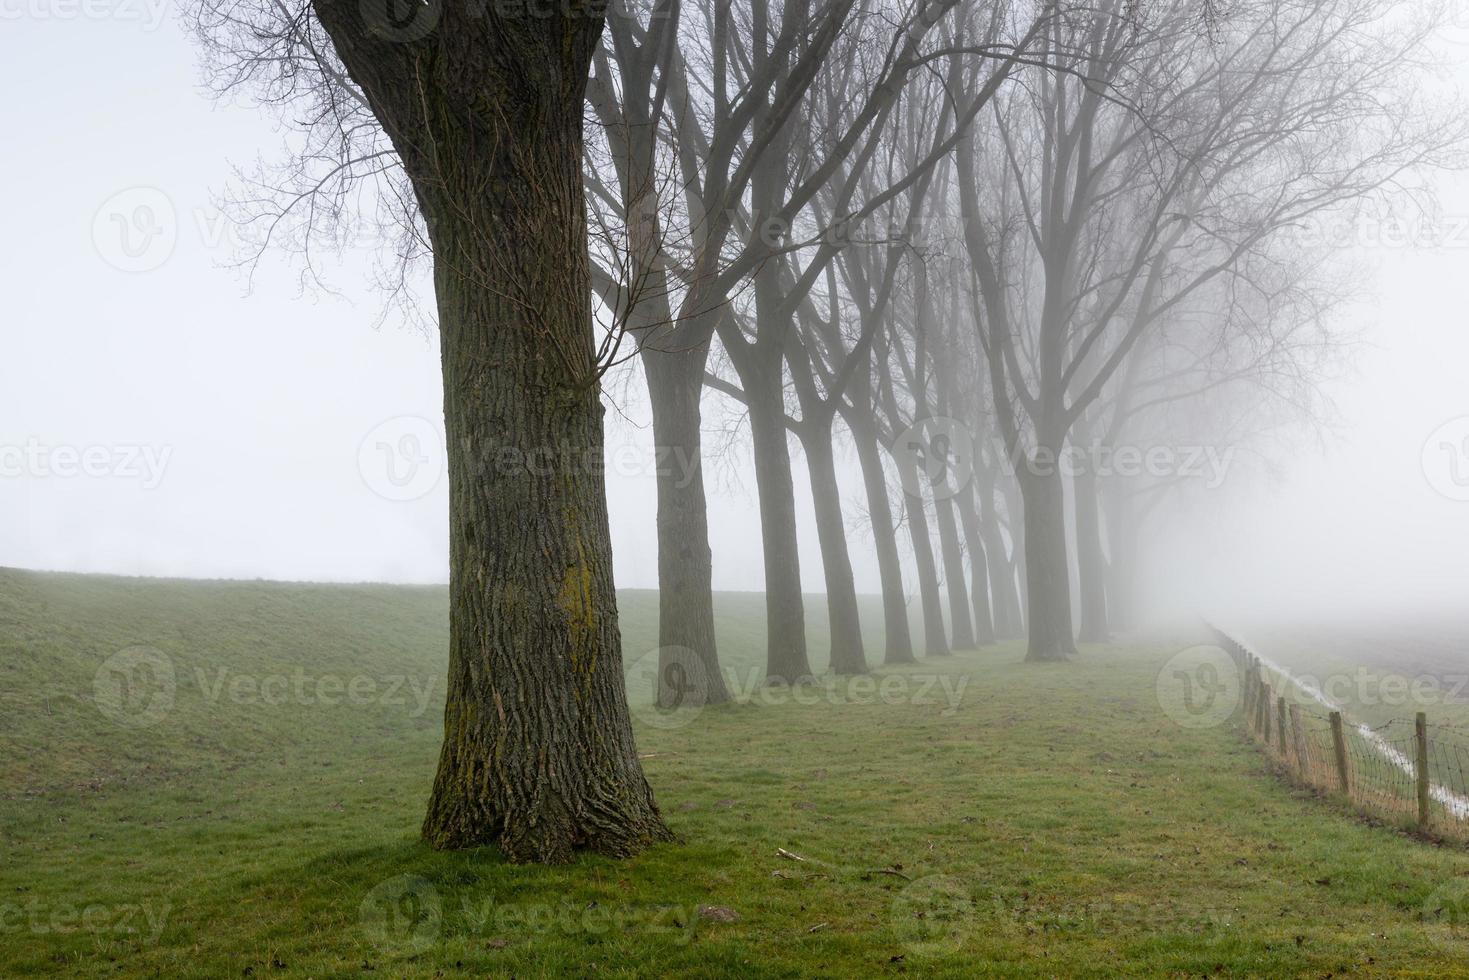 Reihe blattloser Bäume neben einem Deich foto